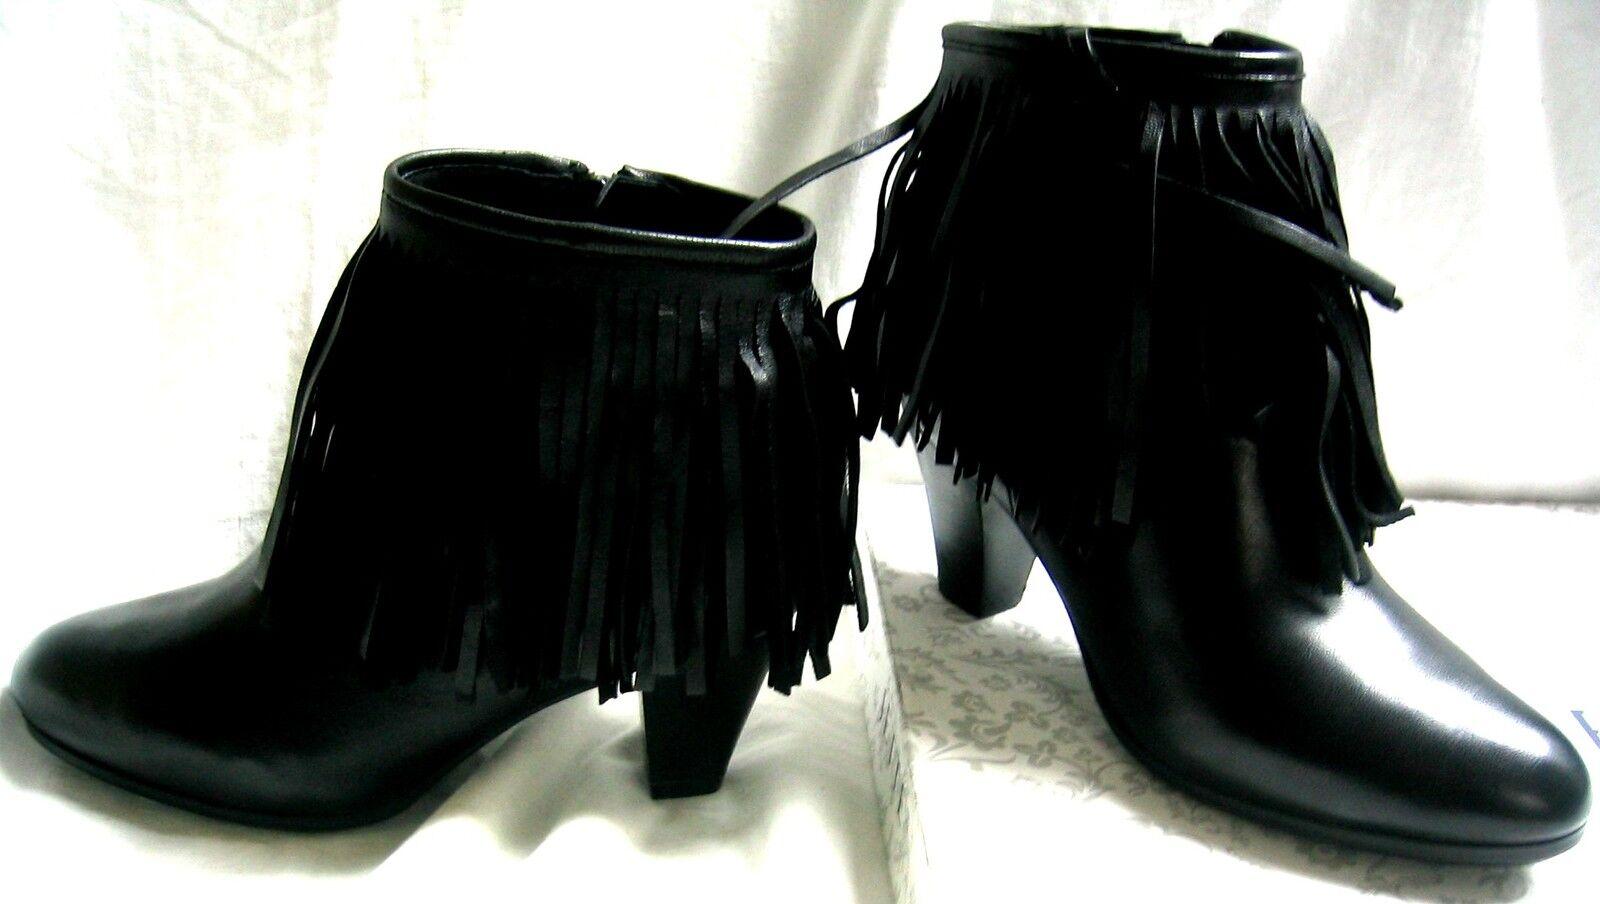 Jette Stiefel Stiefelette Pocahontas 37,5   4,5 4,5 4,5 AnkleStiefel Fransen High Heel NEU 05b32f